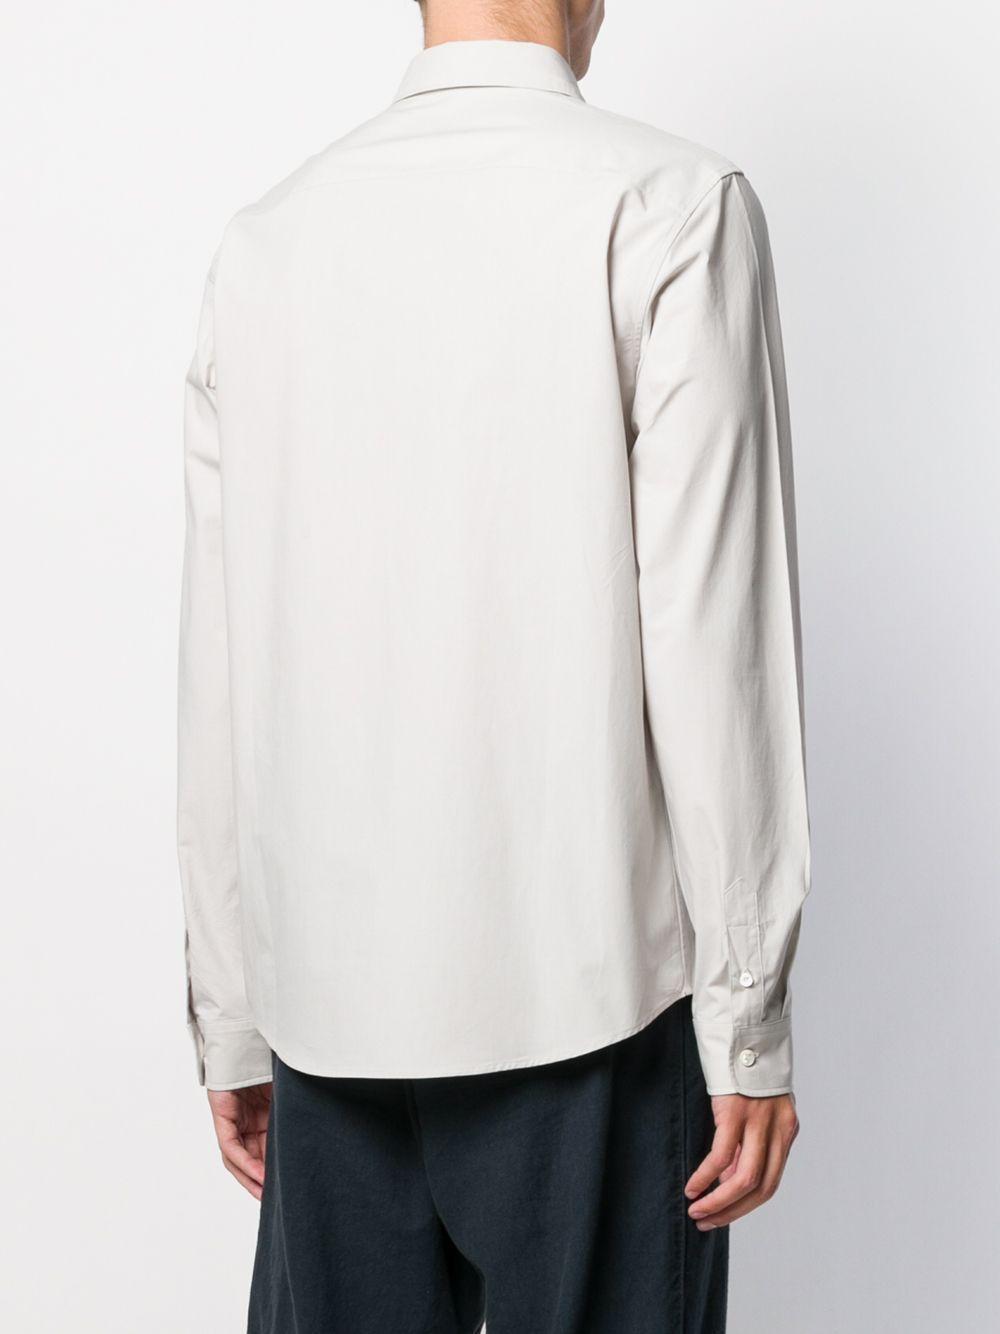 A.P.C. Katoen Getailleerd Overhemd in het Grijs voor heren